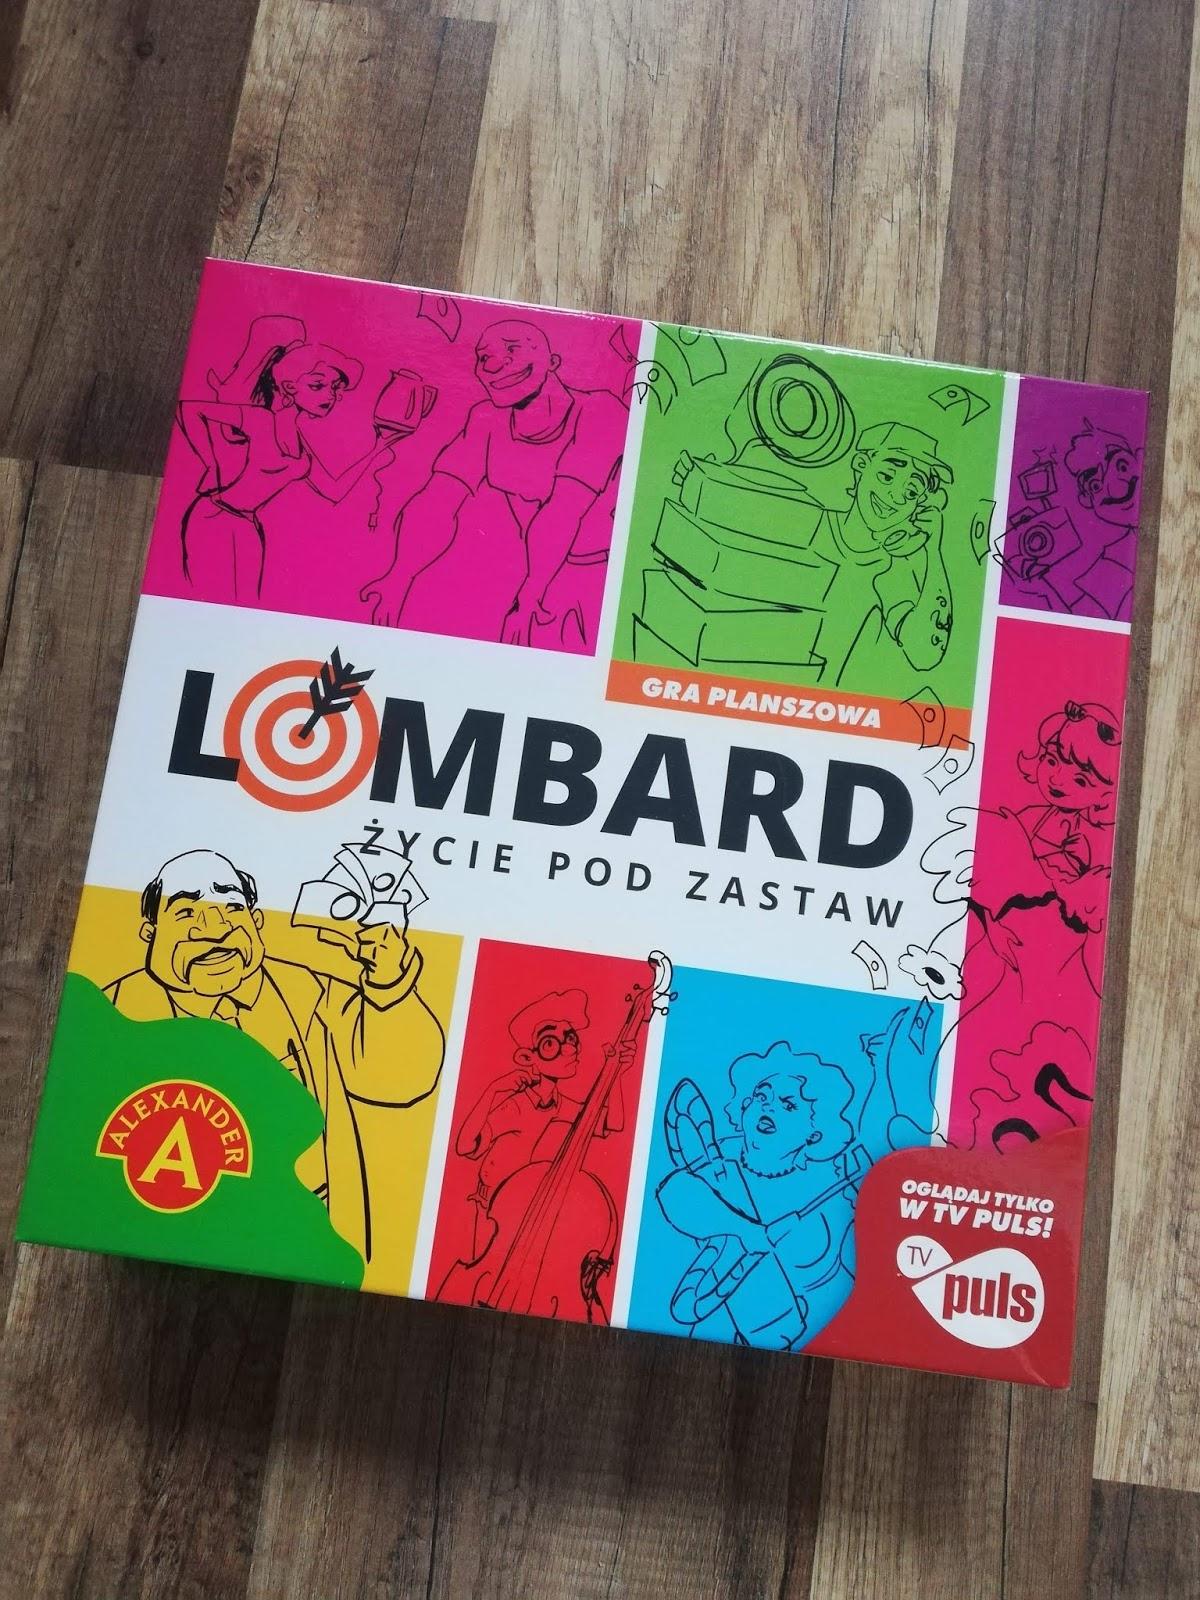 Lombard życie pod zastaw - gra planszowa Alexander